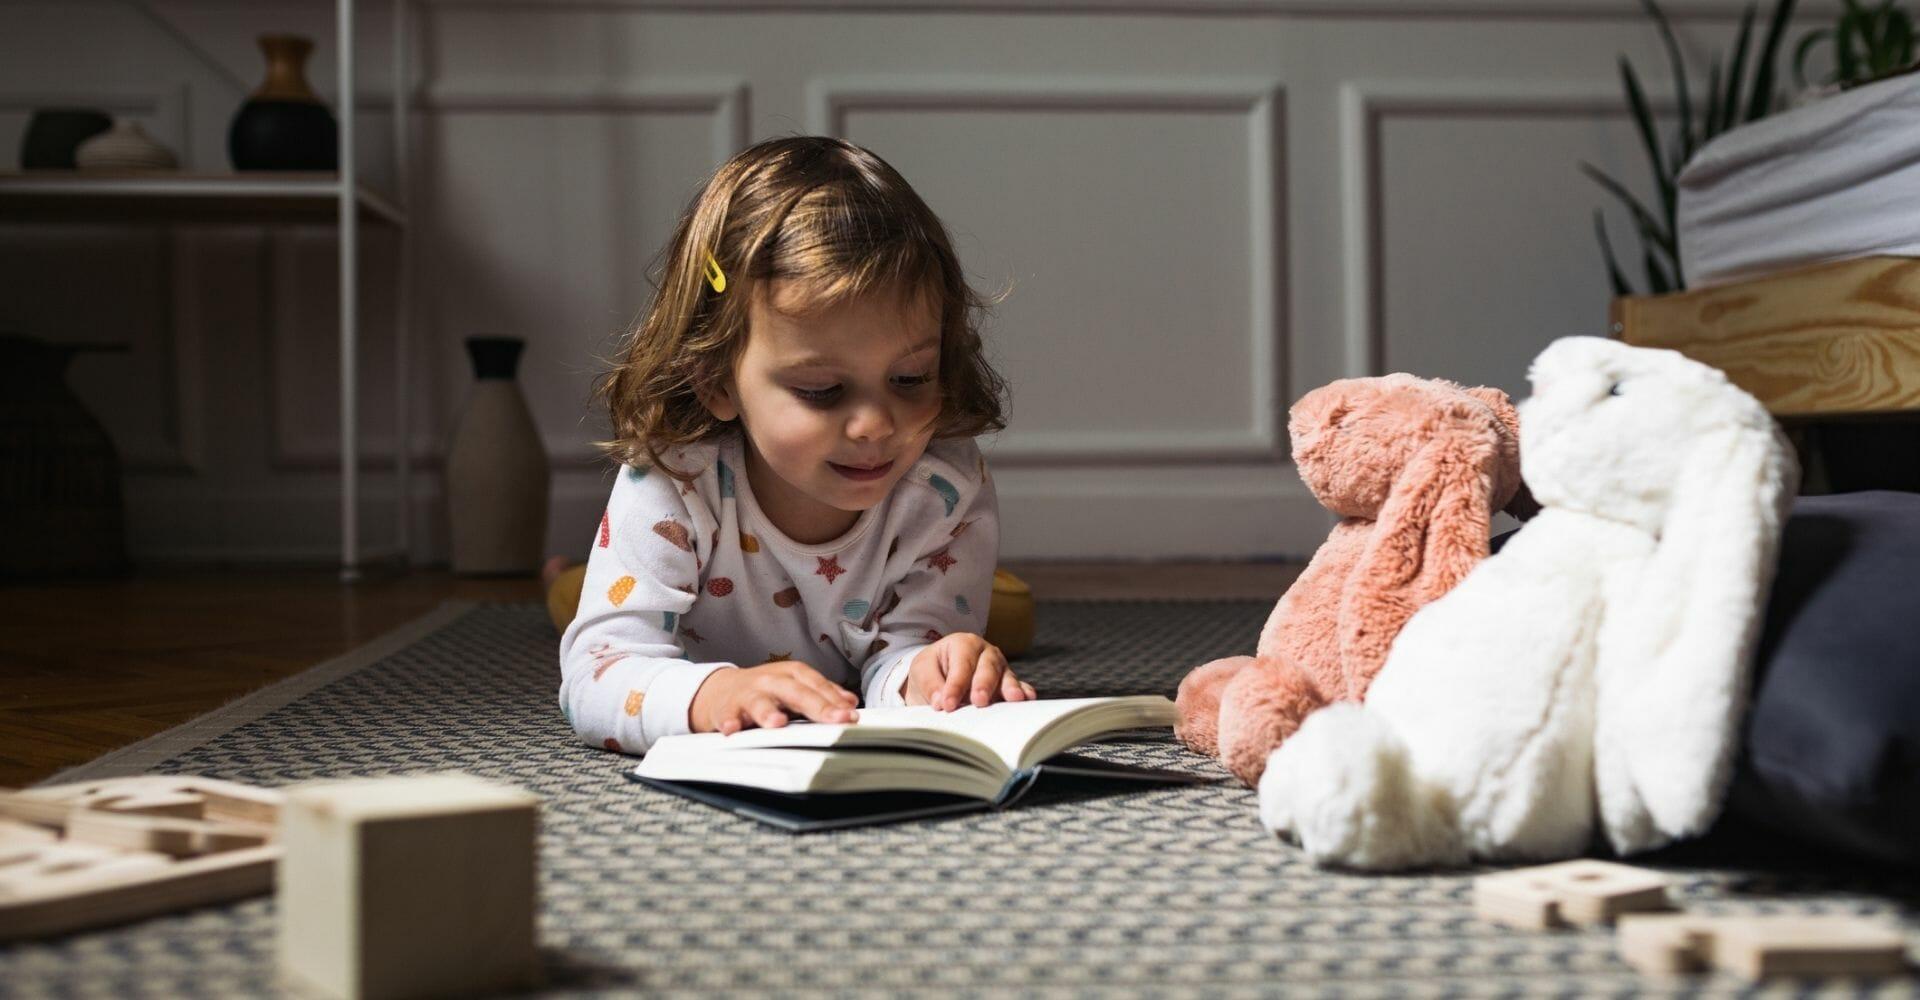 Storie per bambini, tra libri, podcast, film e serie - La guida